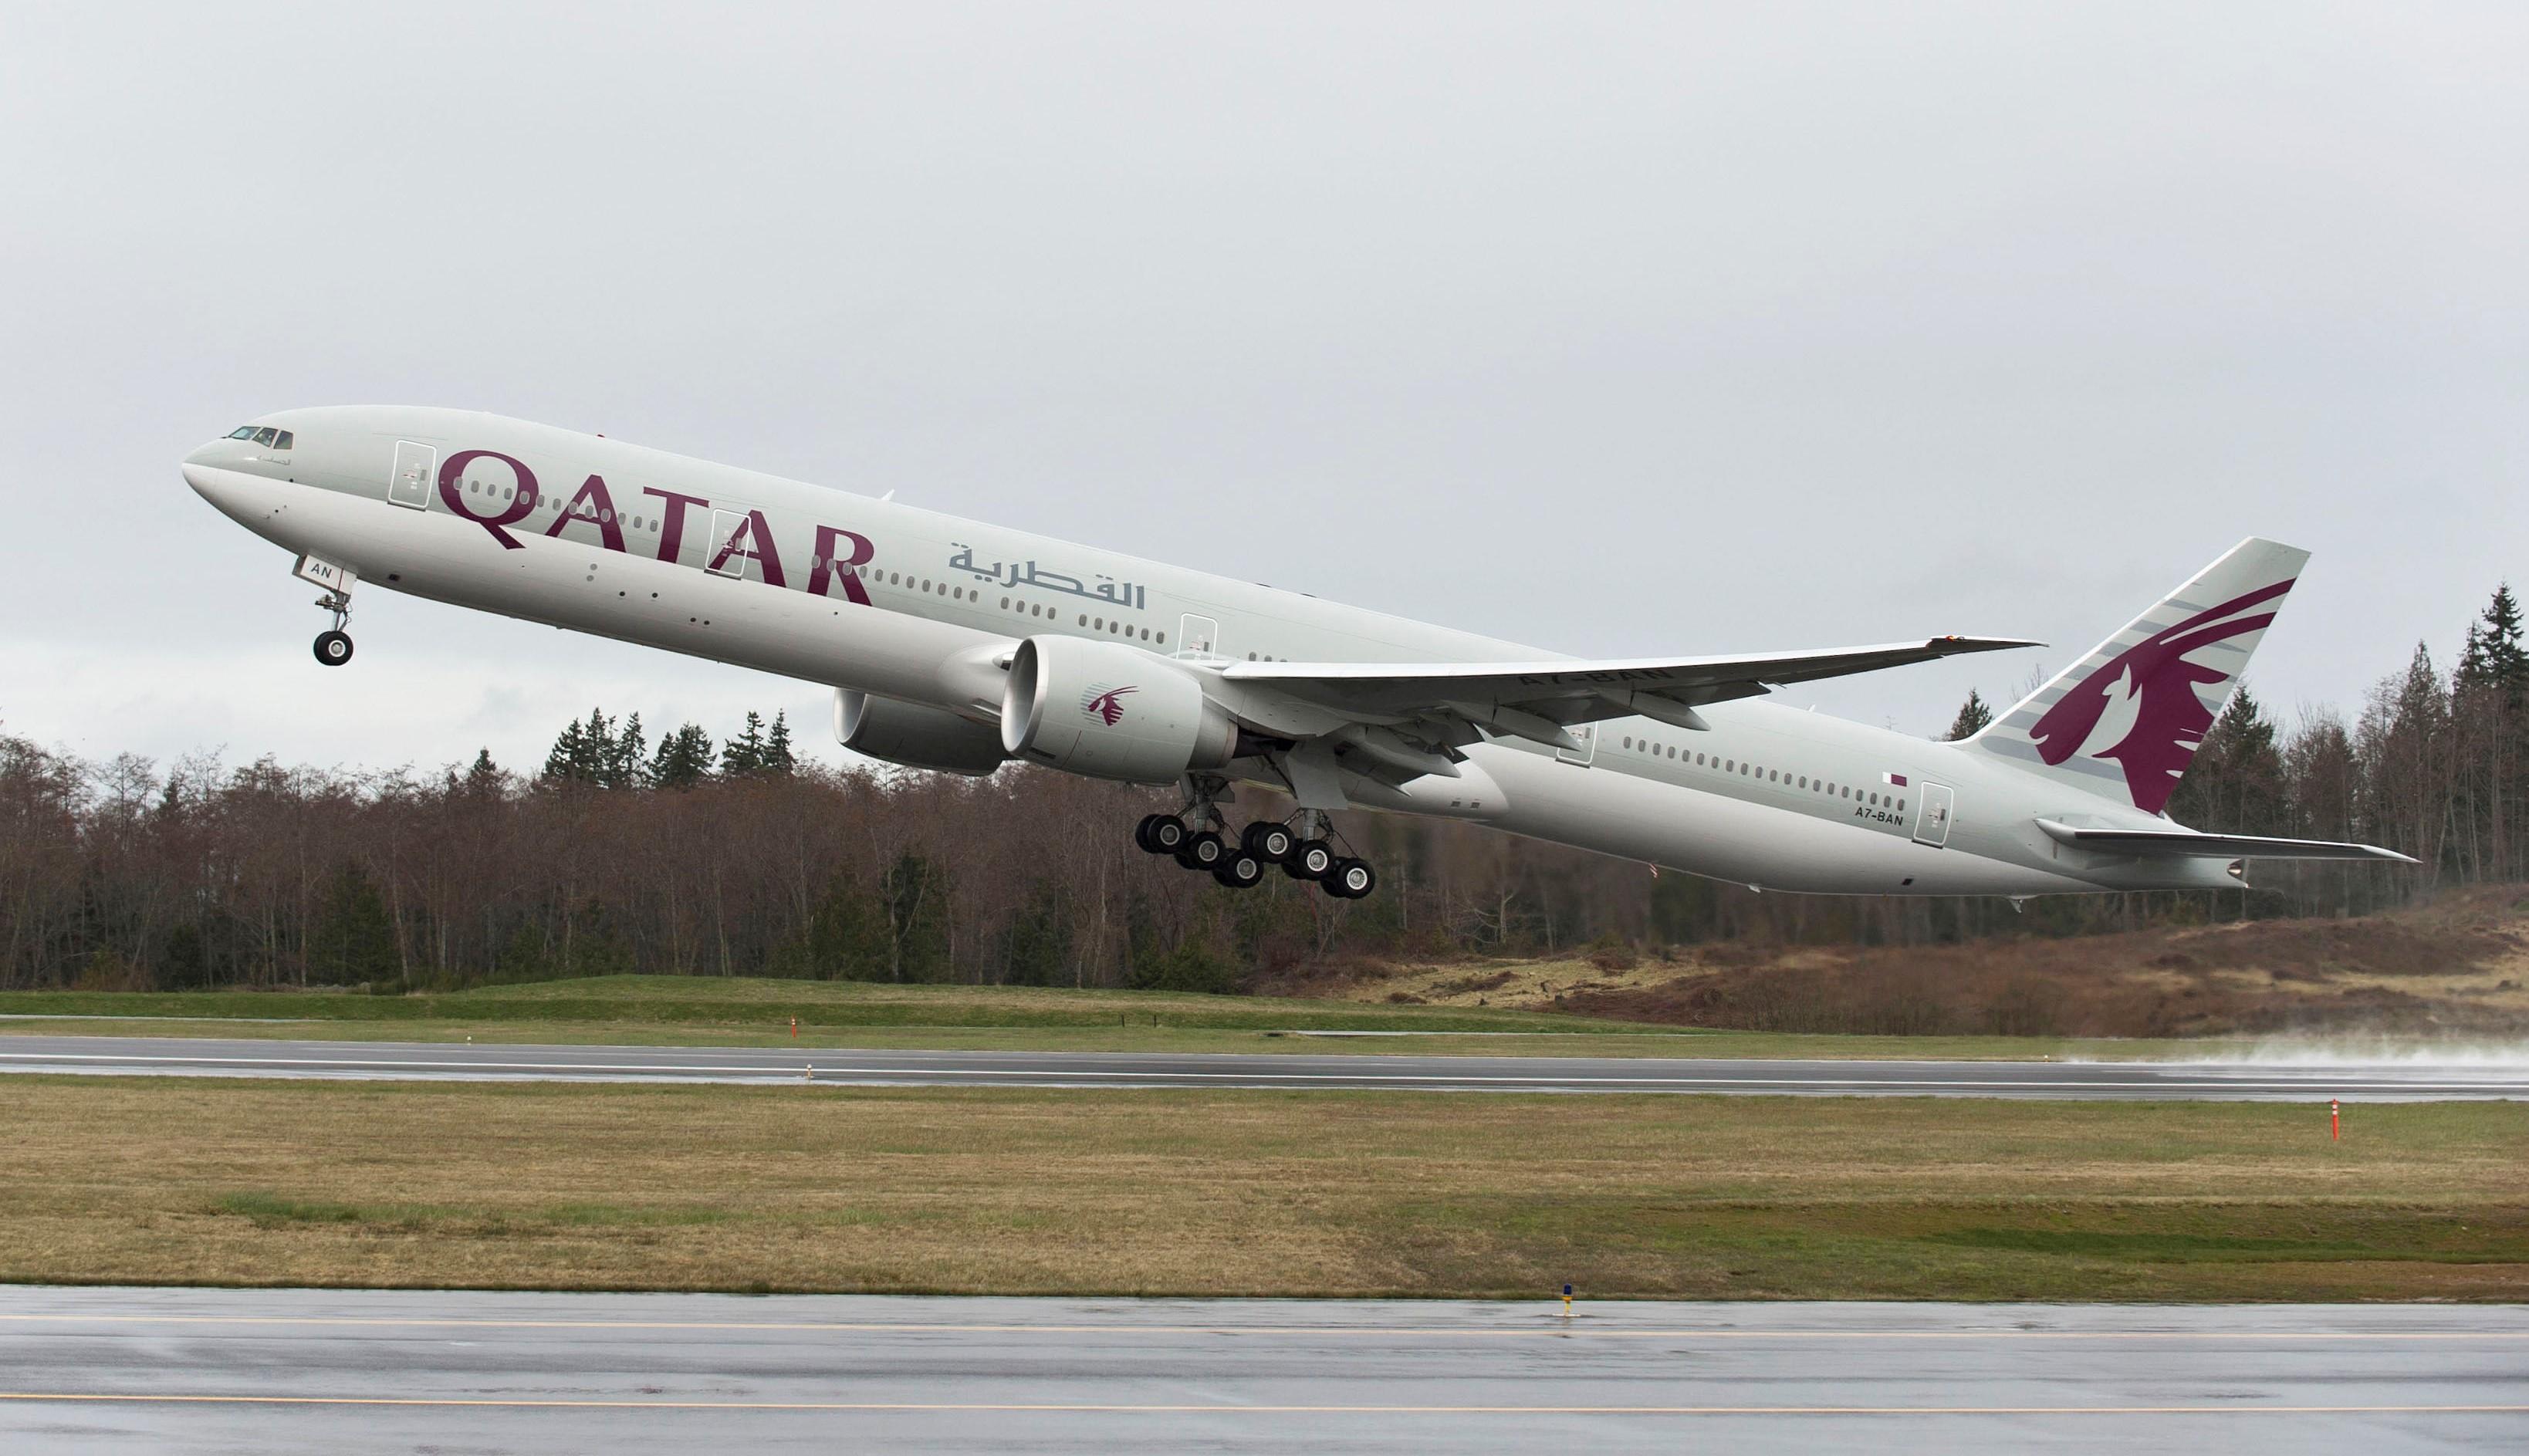 fd2078232d Qatar utiliza o Boeing 777-200LR na rota mais longa do mundo (Foto   Divulgação)